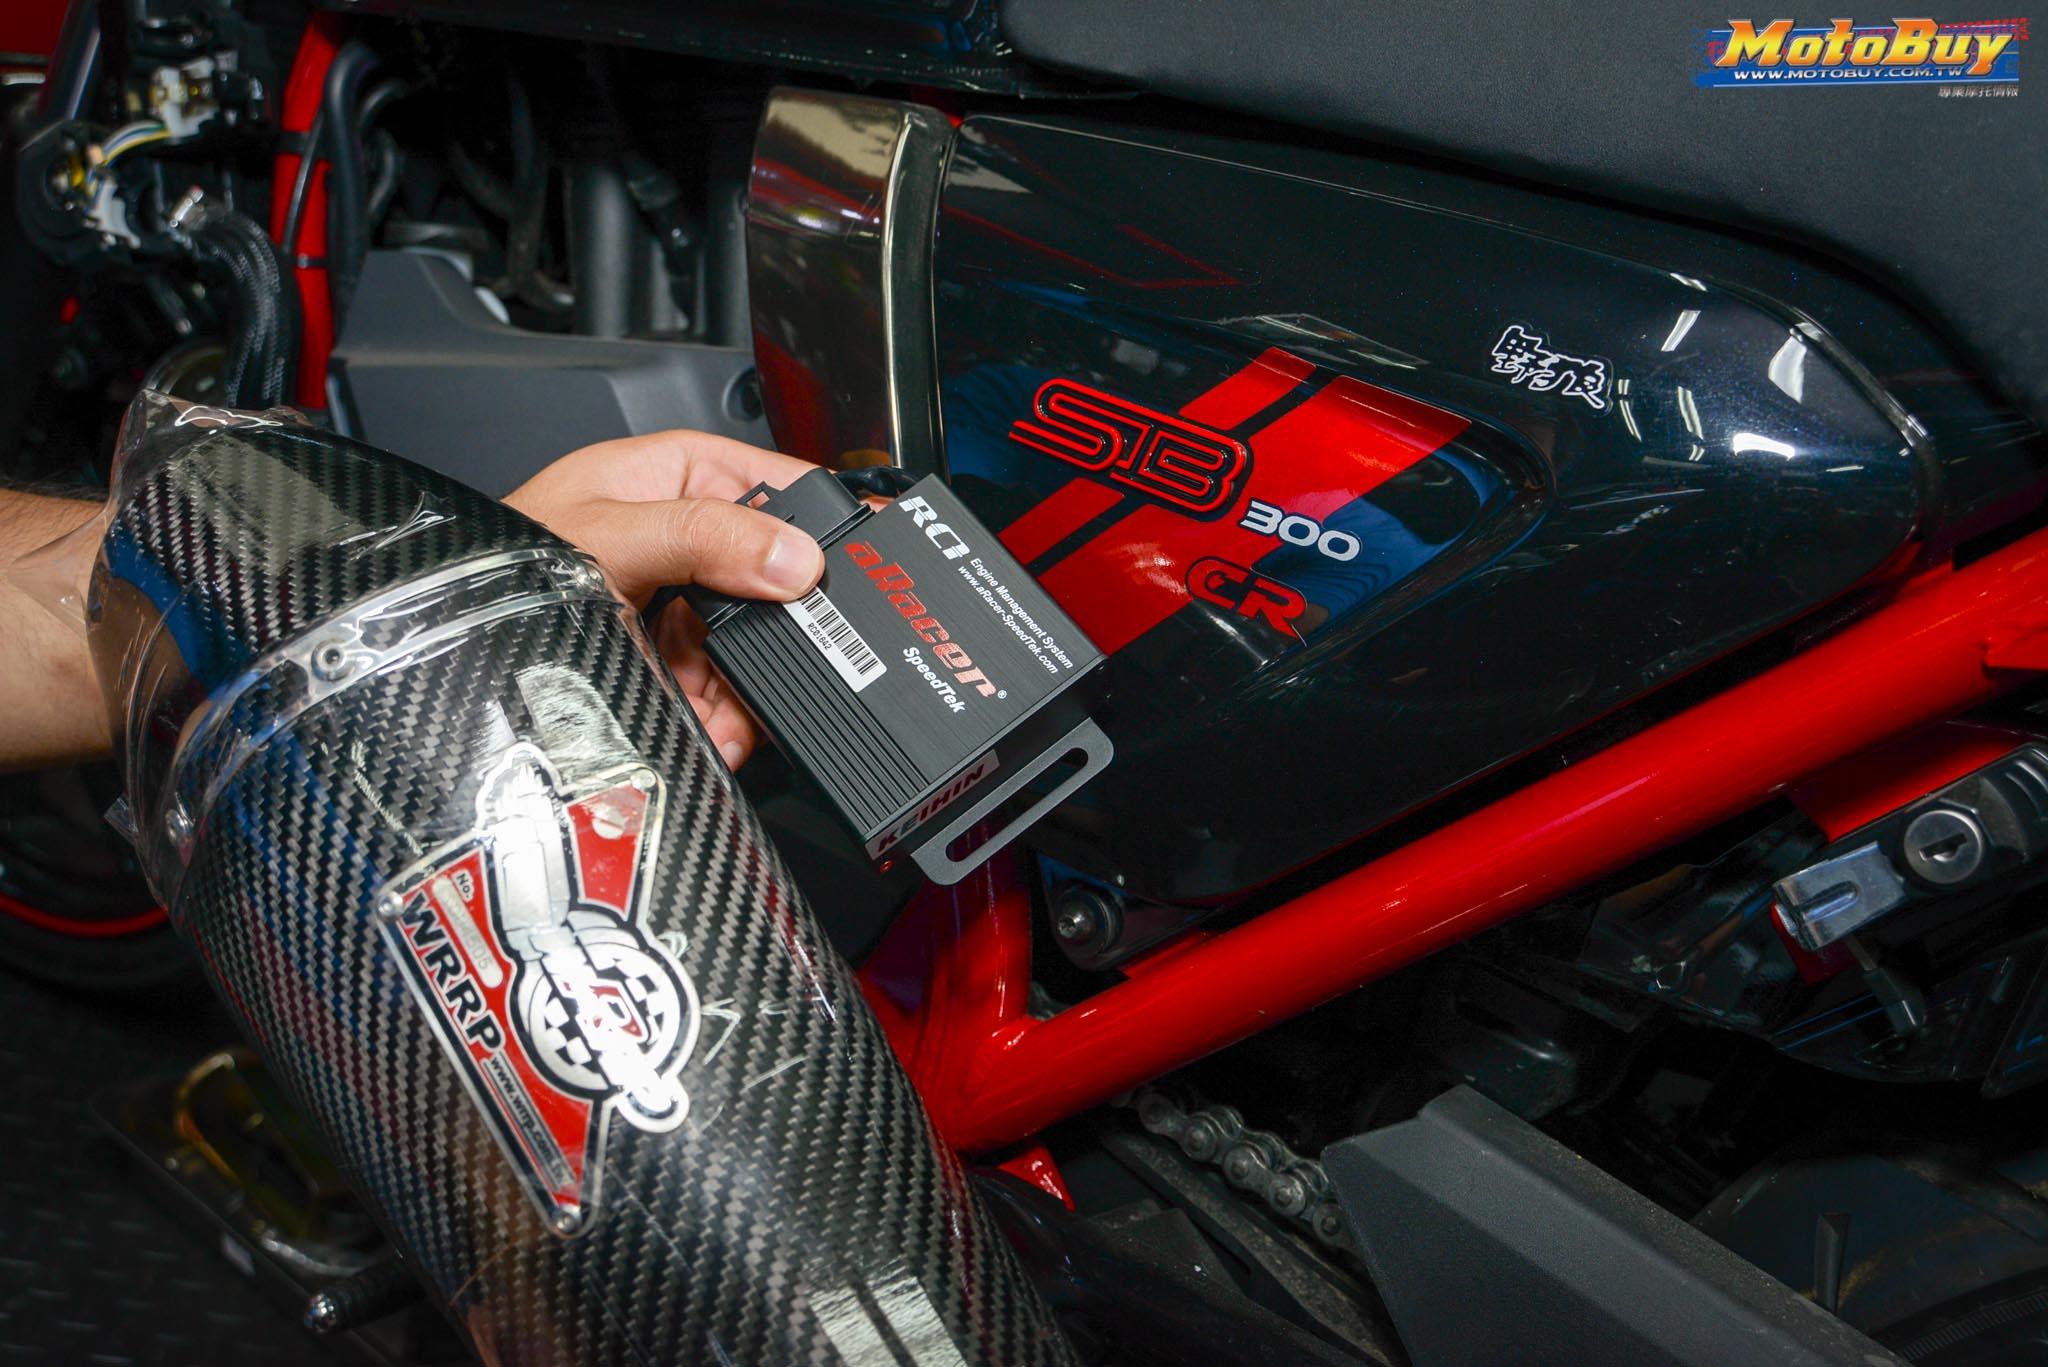 [改裝連載] 復古車也能很有力!aRacer ECU X SB300CR X武田車業   MotoBuy